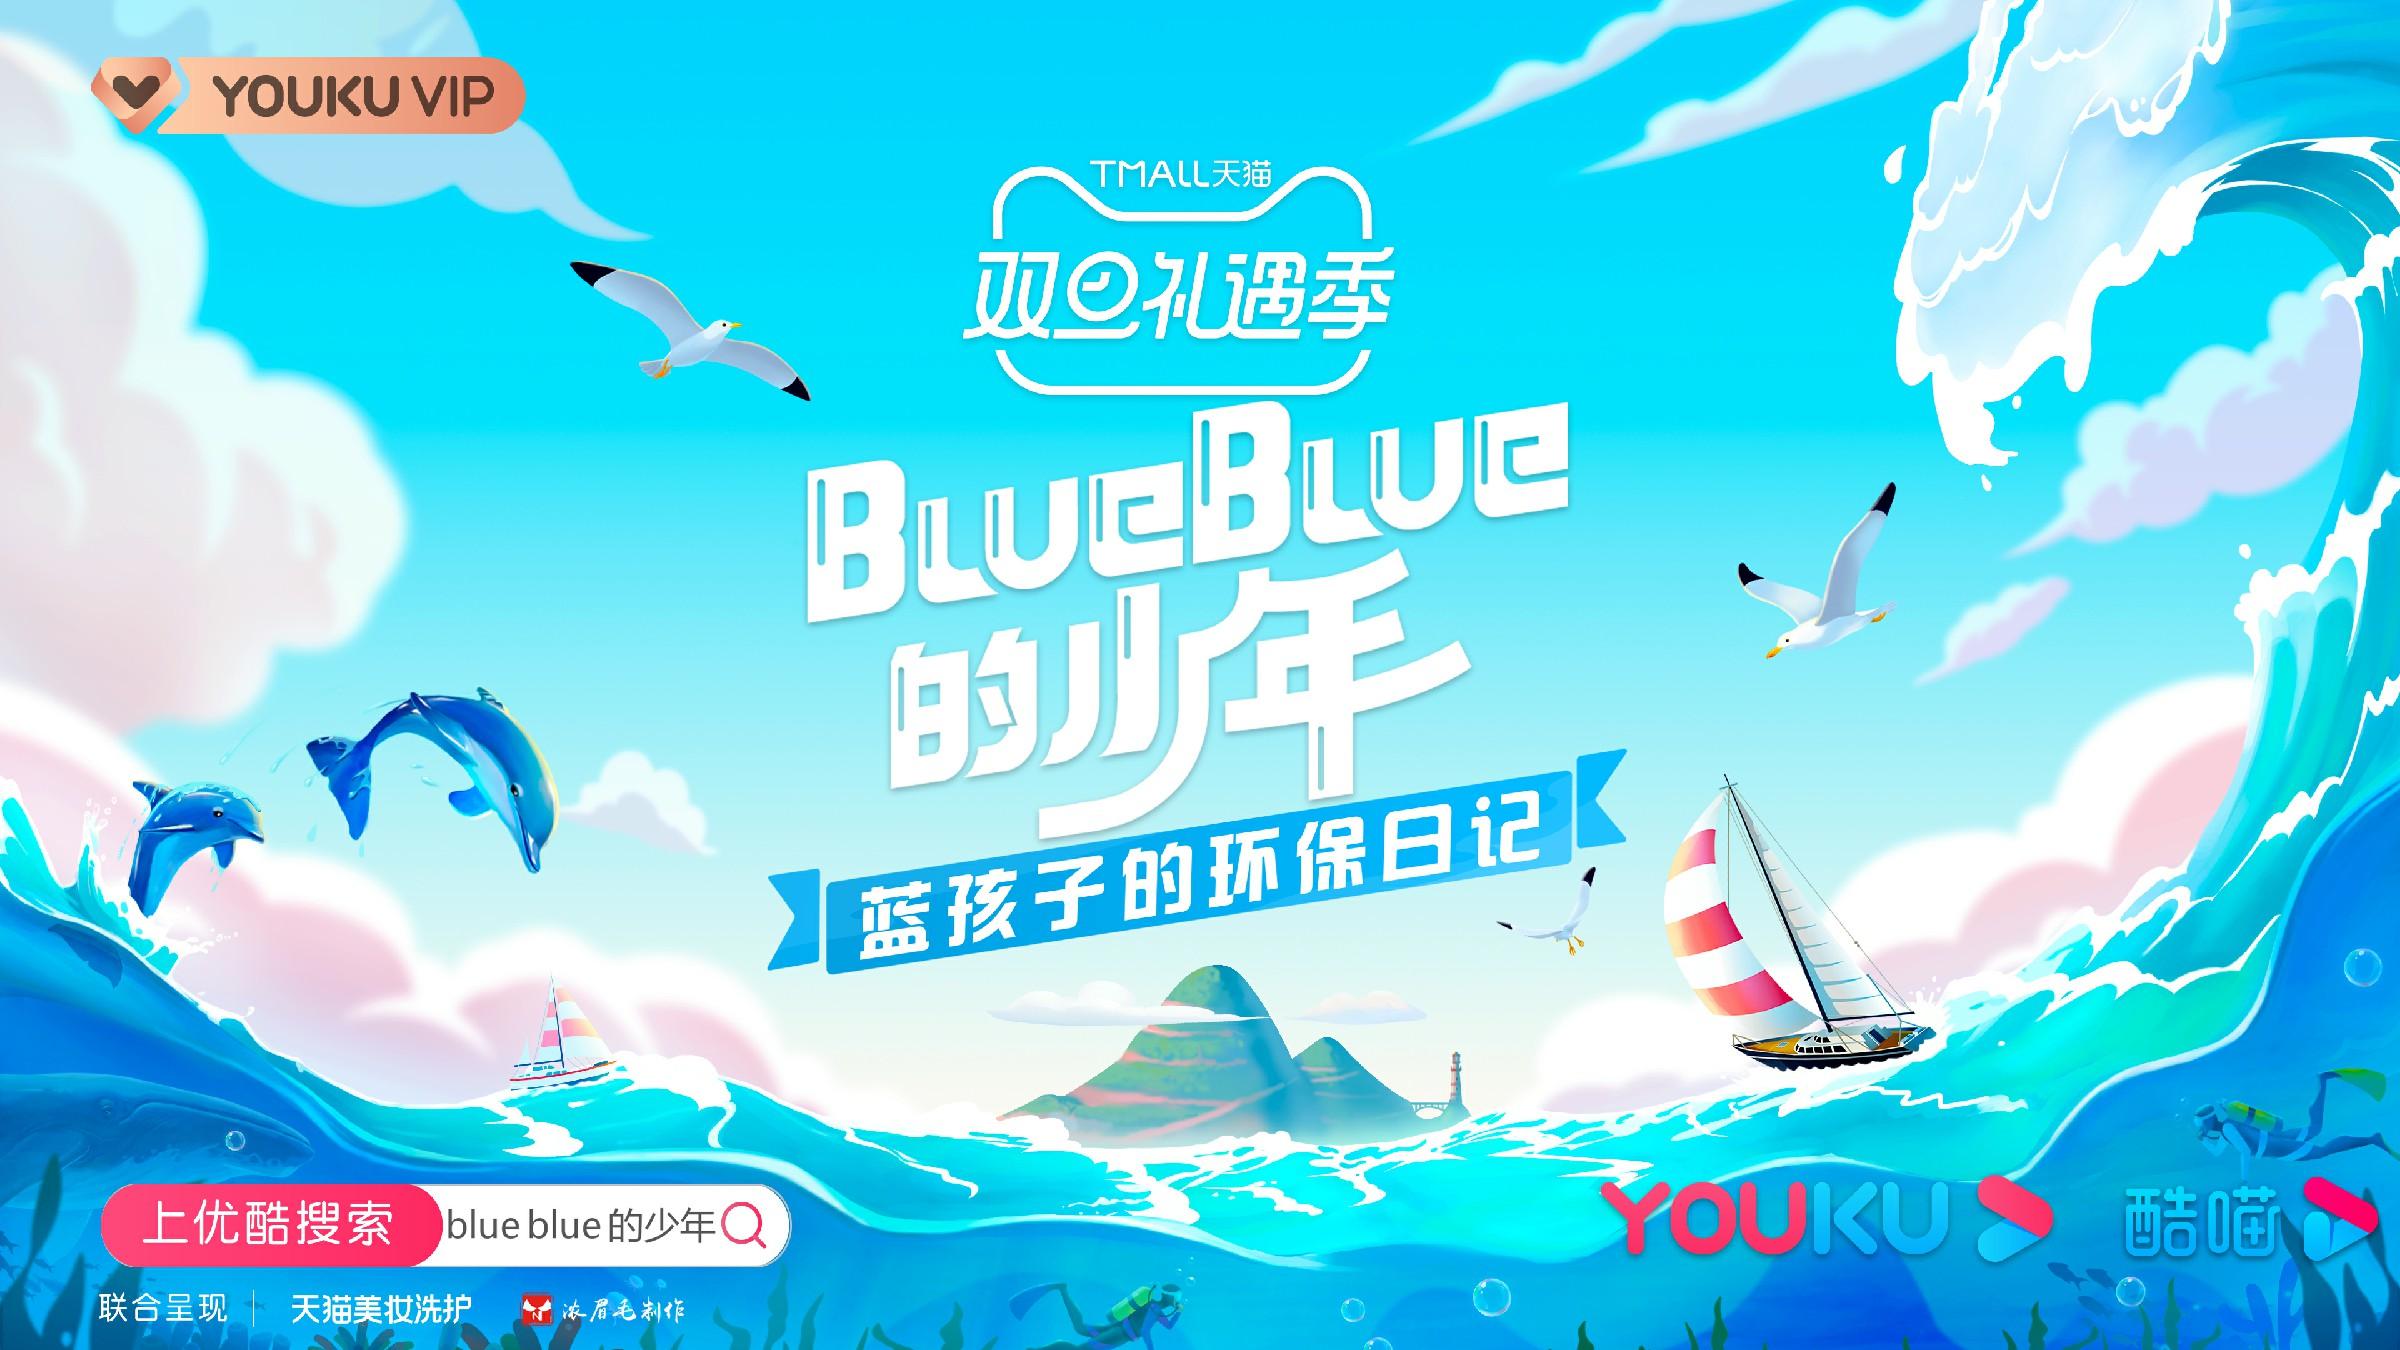 优酷《BlueBlue的少年》SKY天空少年传递环保正能量